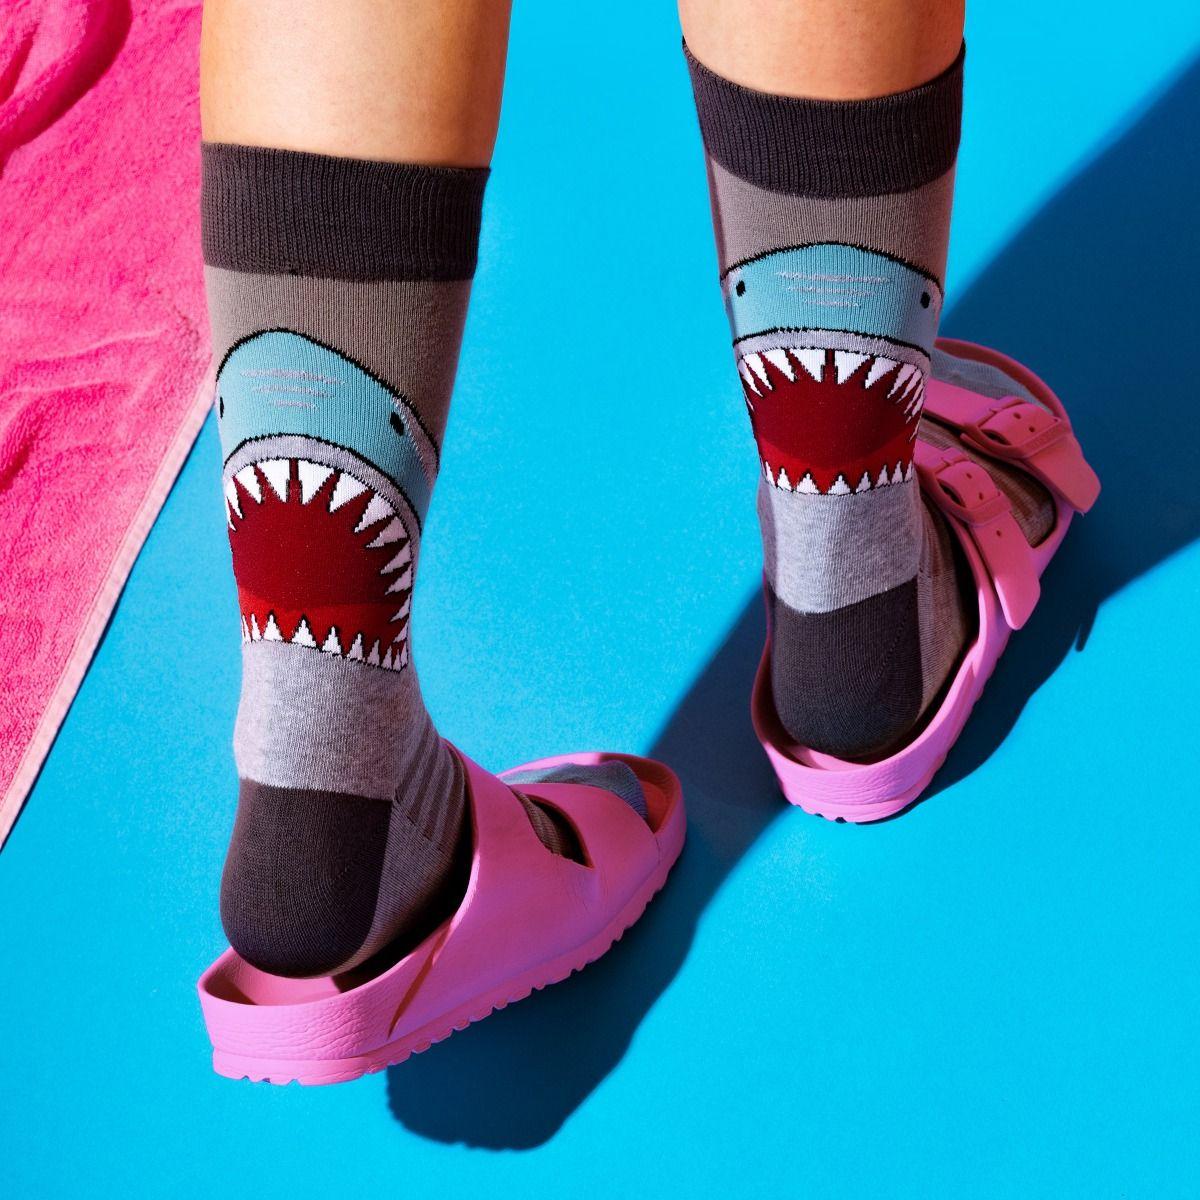 BIG ANIMAL SOCKS SHARK ATTACK